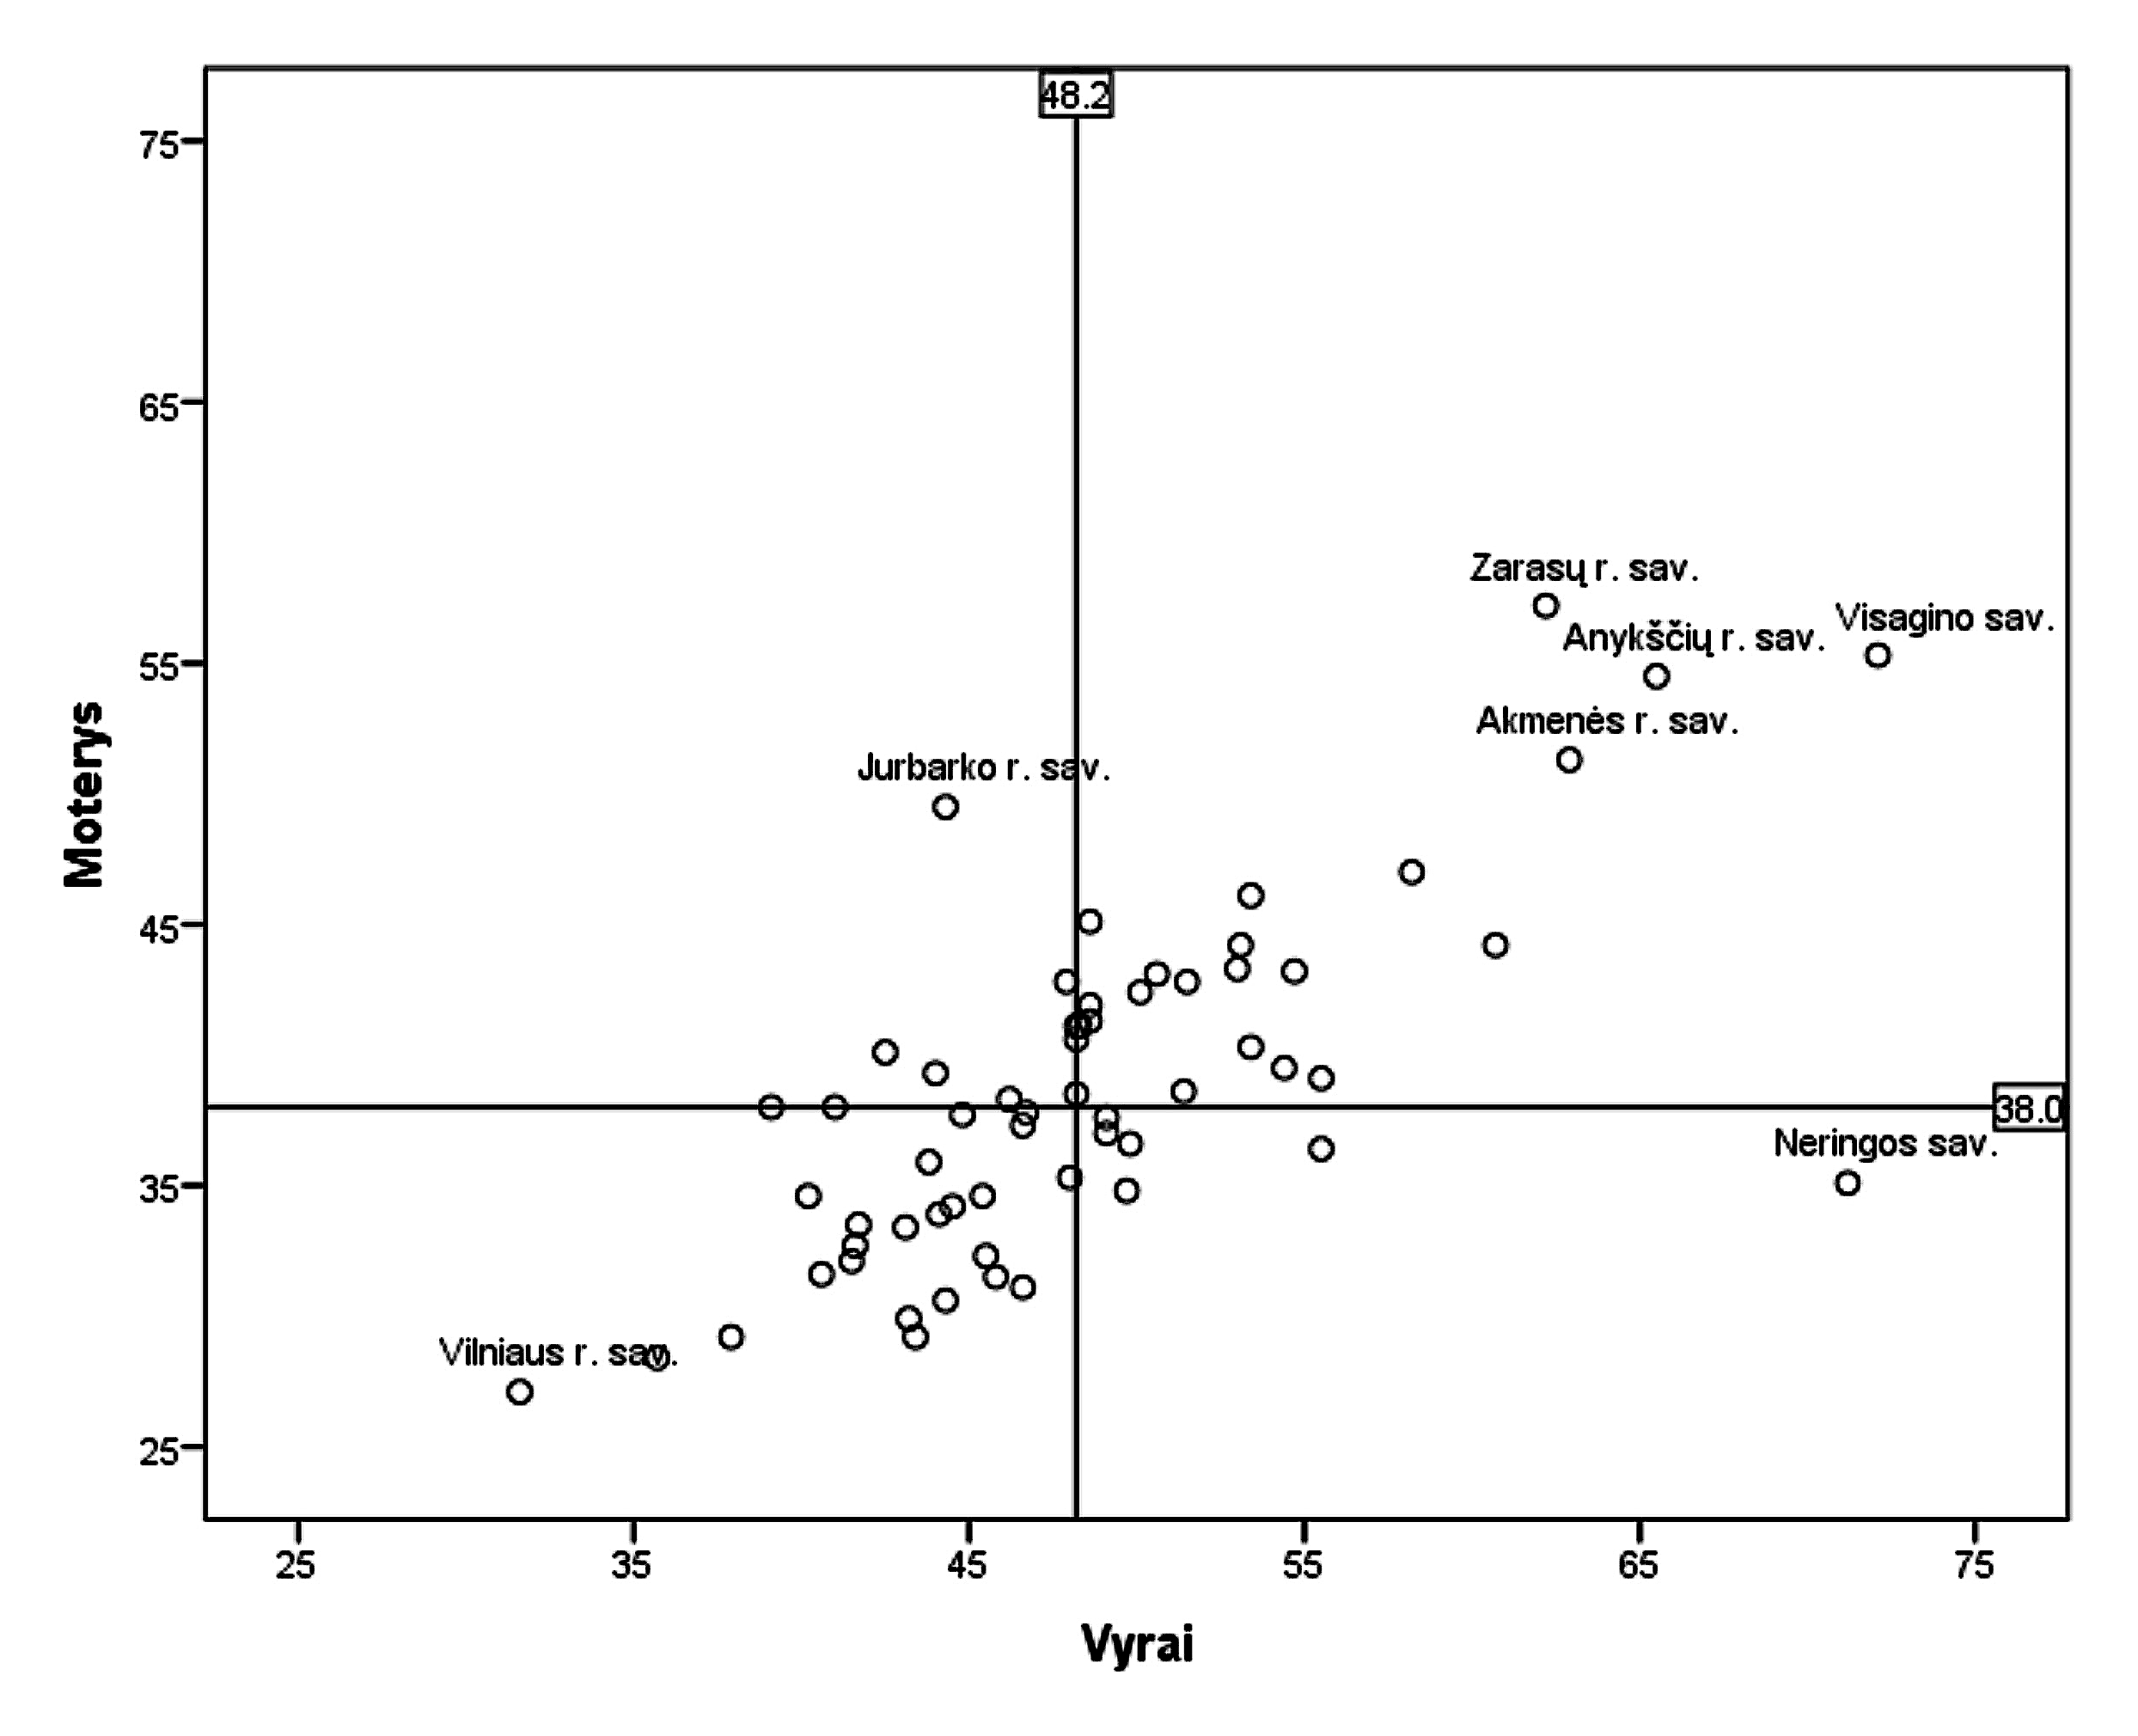 3 pav. Vyrų ir moterų IH rodiklių 1000 gyv. palyginimas savivaldybėse 2012 m. (vertikali ir horizontali linijos žymi IH rodiklių medianas)